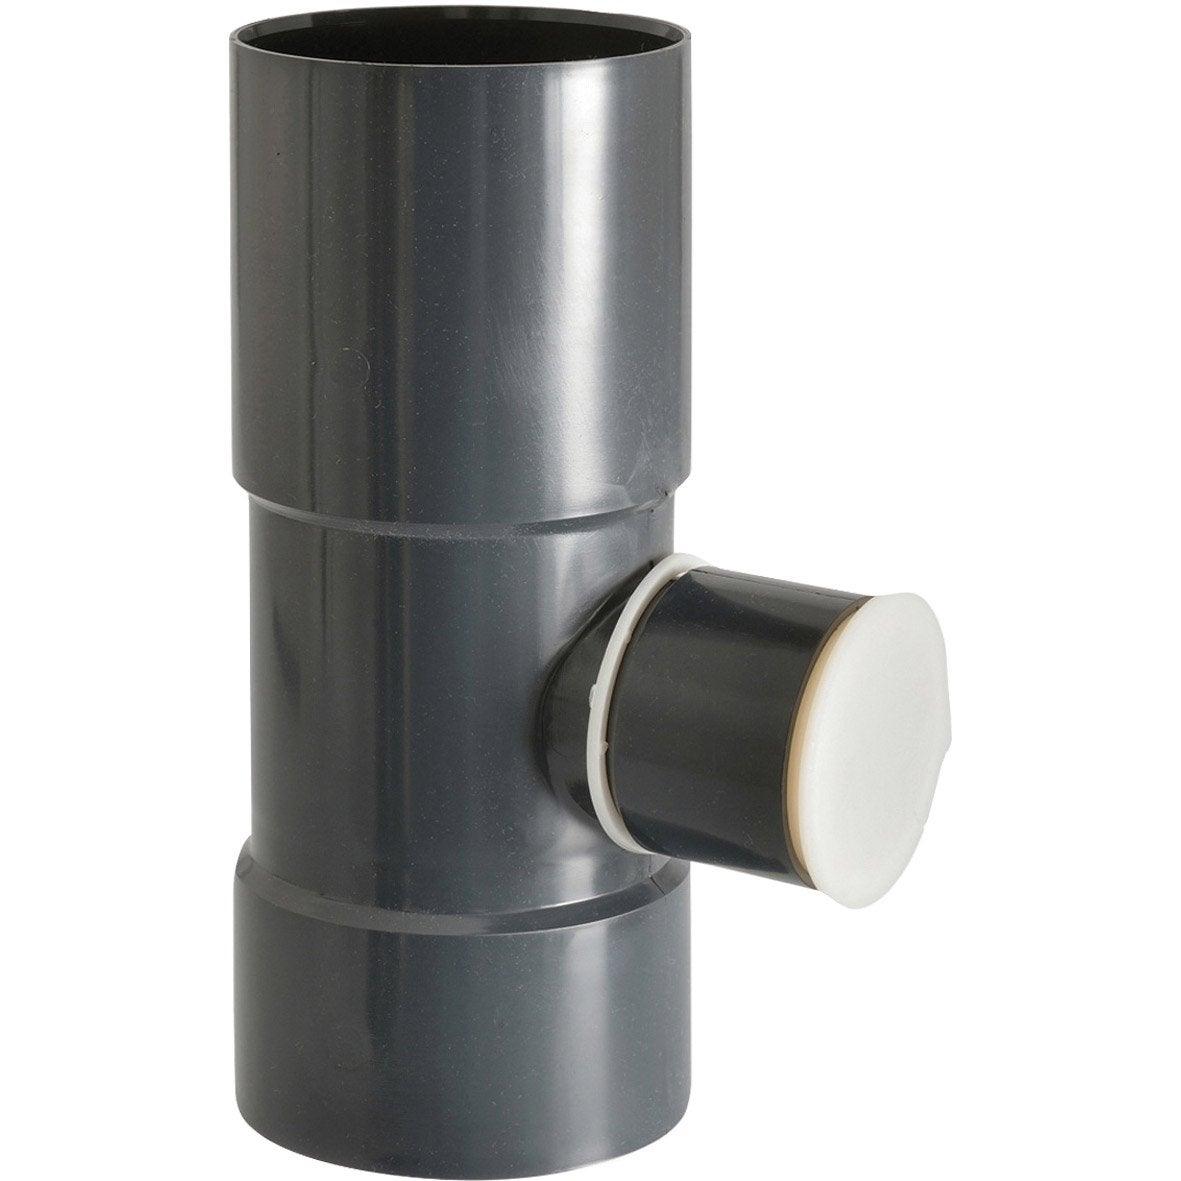 collecteur d 39 eau pour goutti re ronde pvc ardoise girpi d cm mm leroy merlin. Black Bedroom Furniture Sets. Home Design Ideas